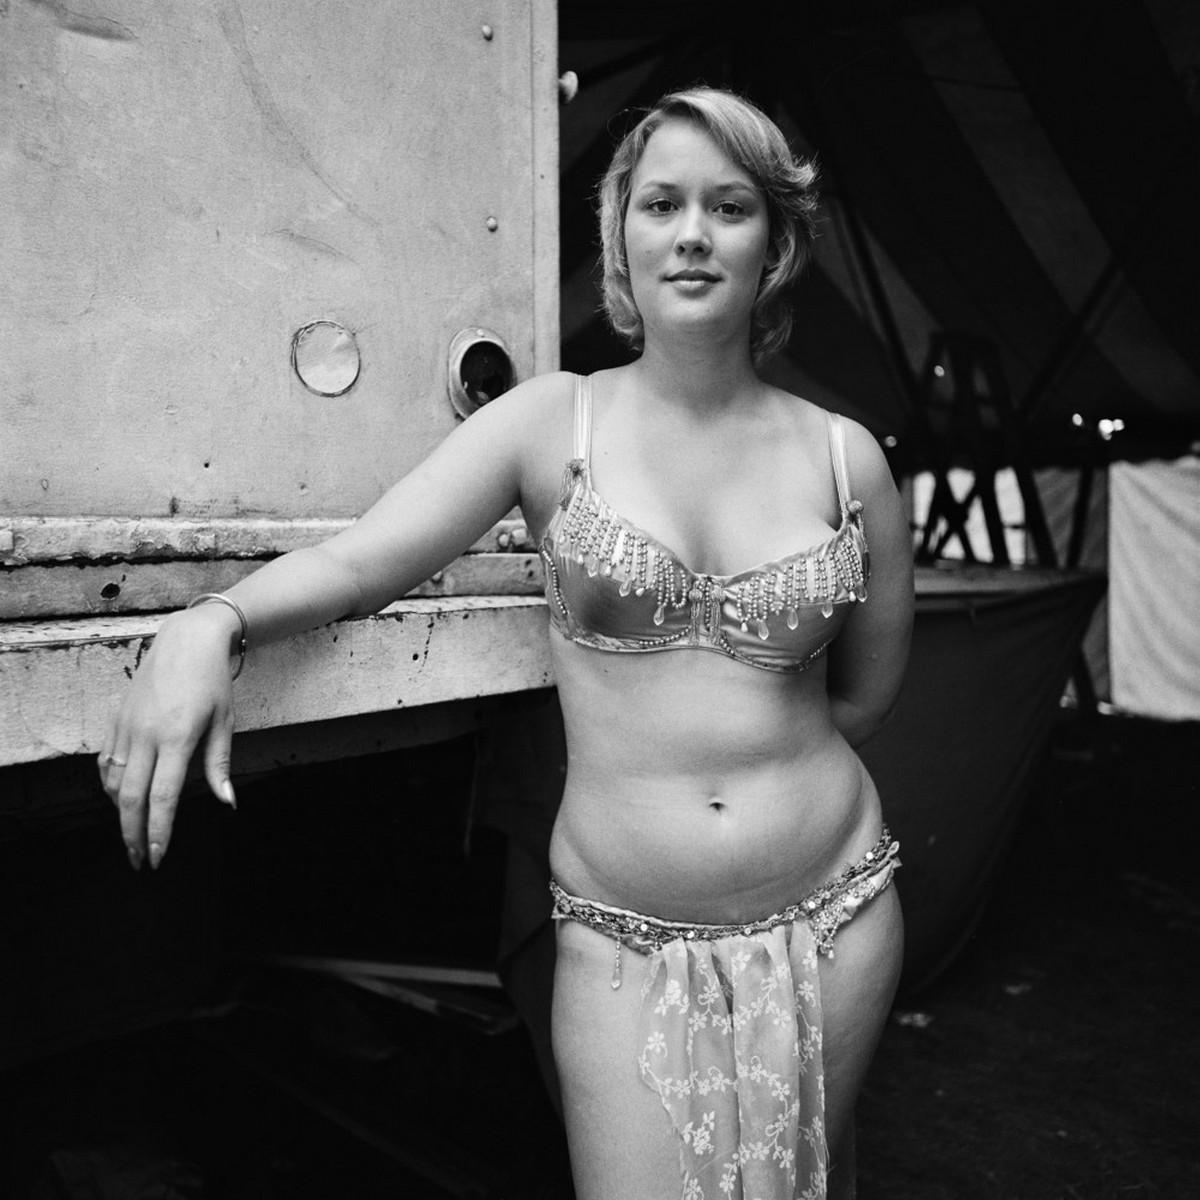 Karnavalnye-striptizershi-Fotograf-Syuzen-Meyzelas_8